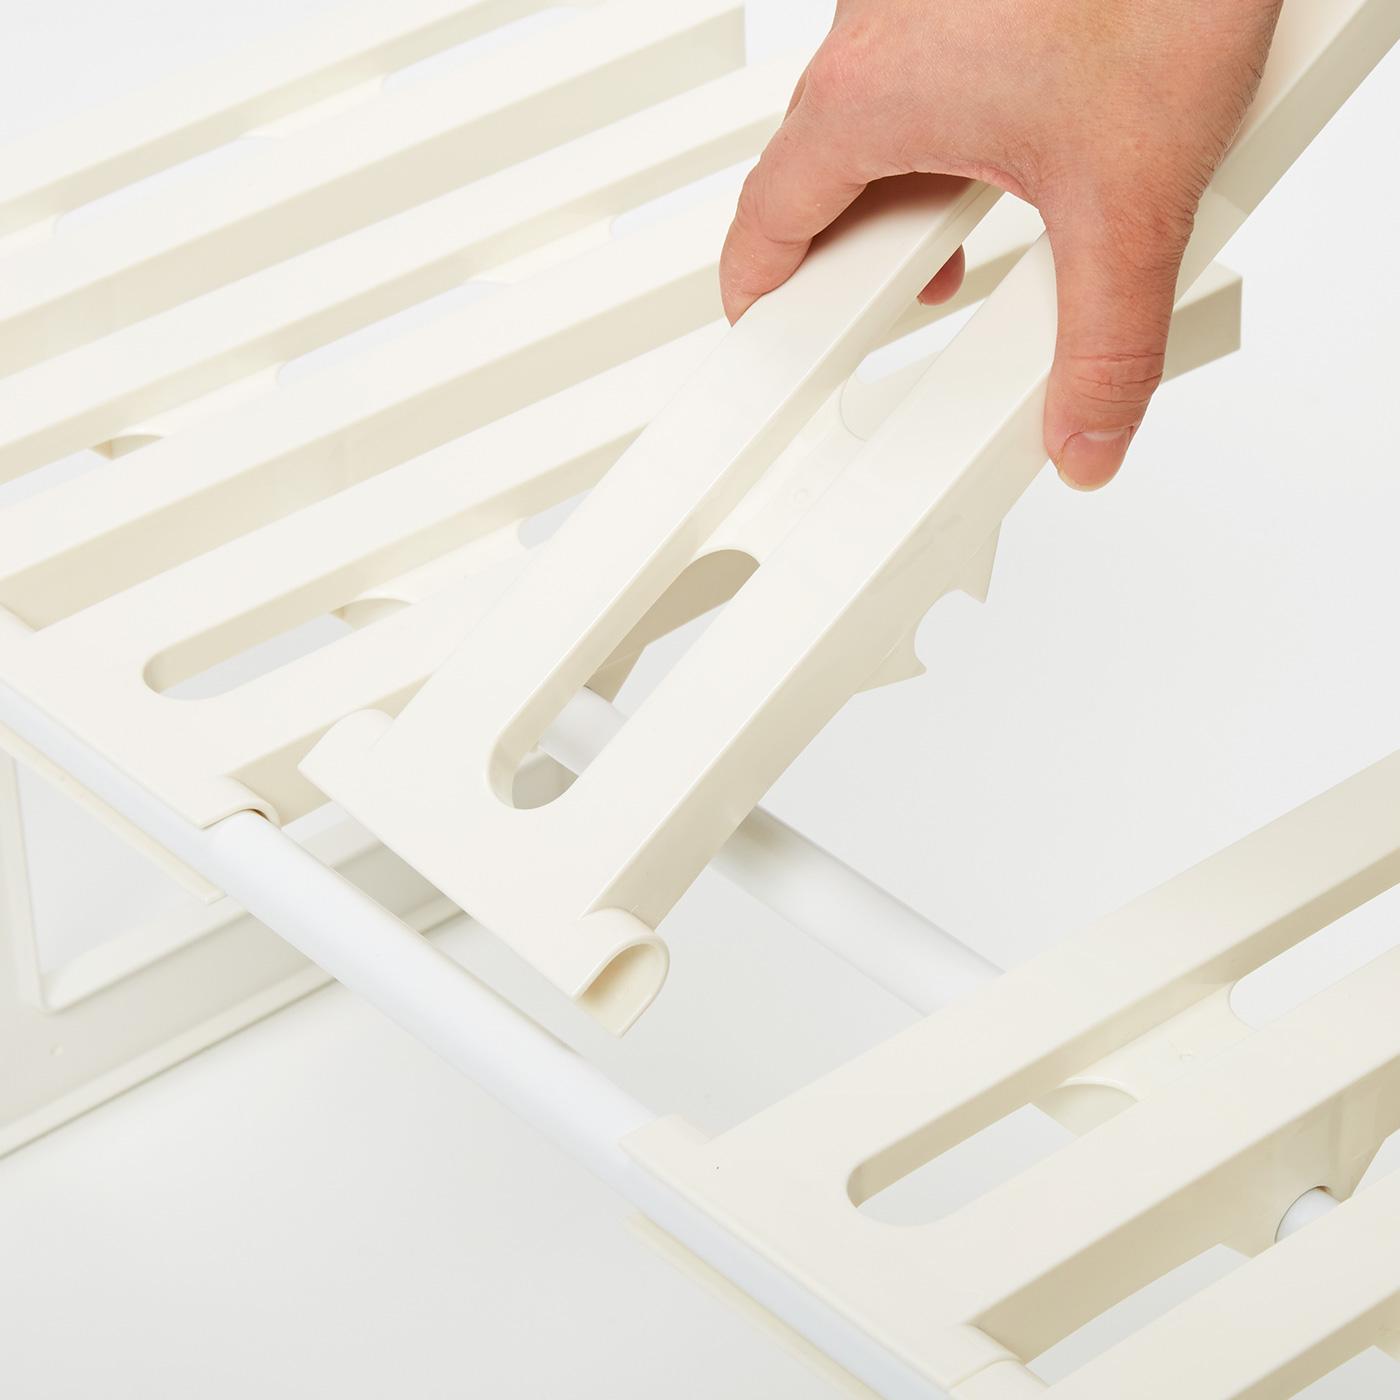 どの板も取り外せるので、スペースに合わせて足し引き。